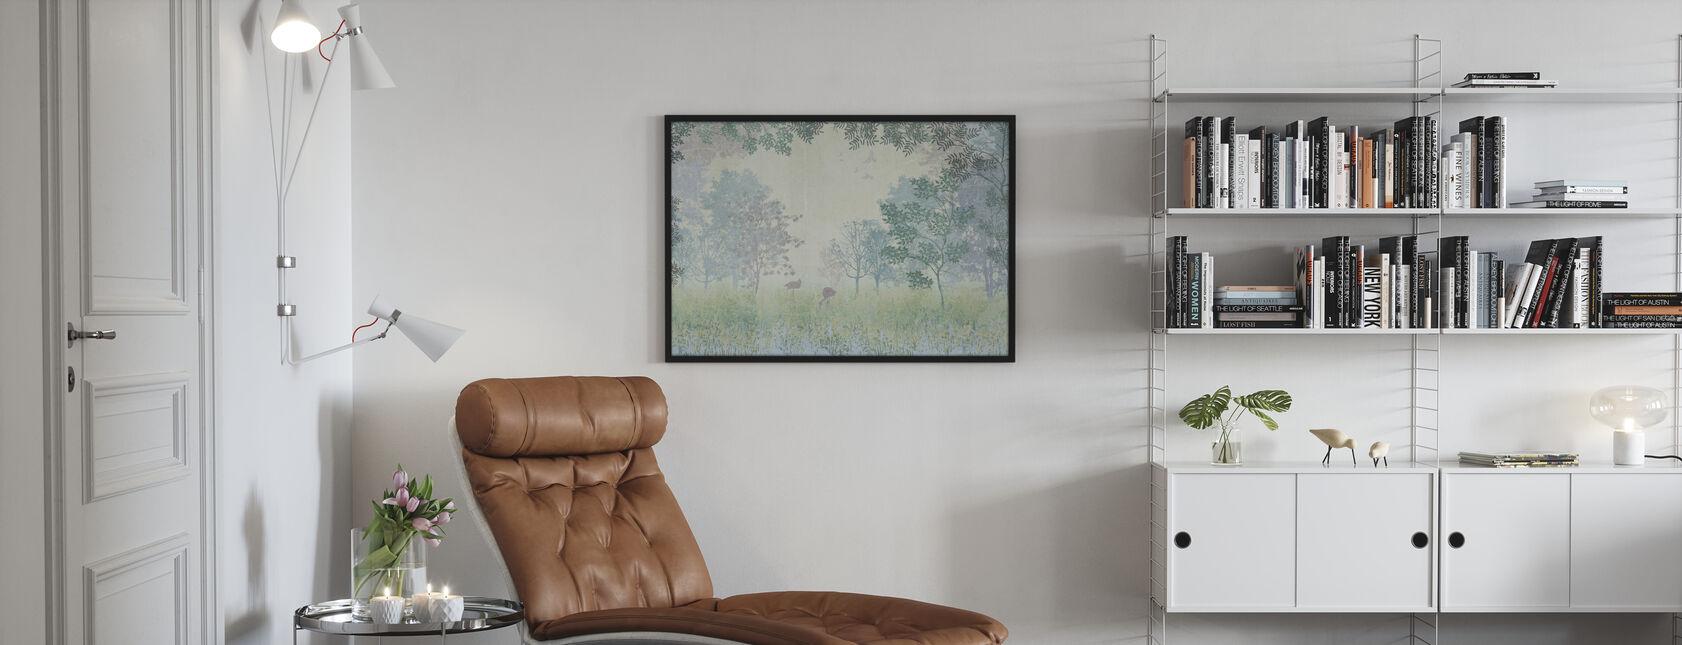 Flamingoer i tåget skov - Plakat - Stue